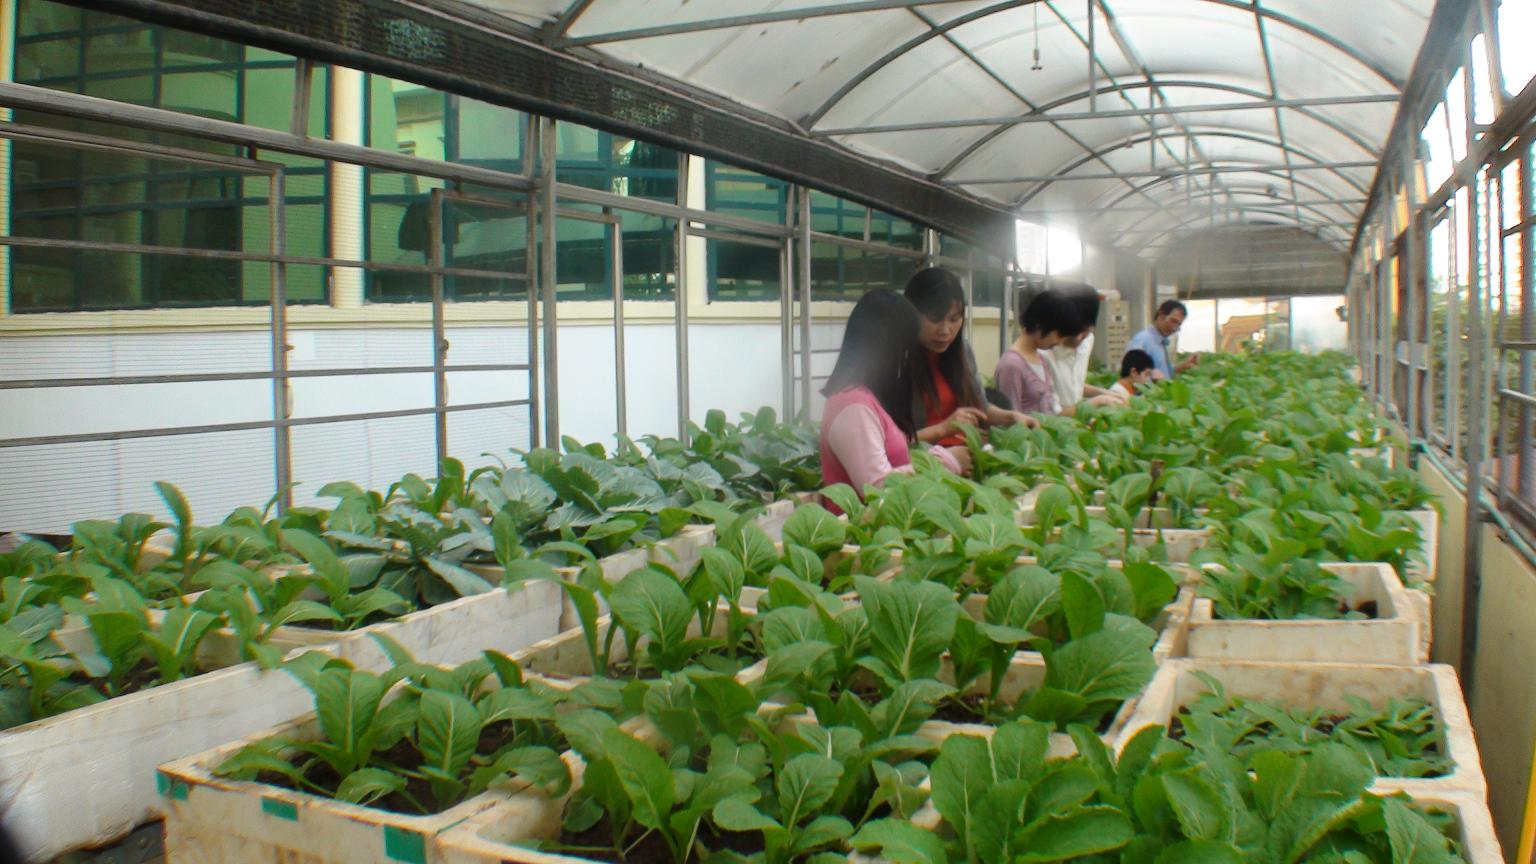 Mô hình trồng rau quả đặc chủng, đặc biệt thu hút sự chú ý và mở ra cơ hội kiếm tiền